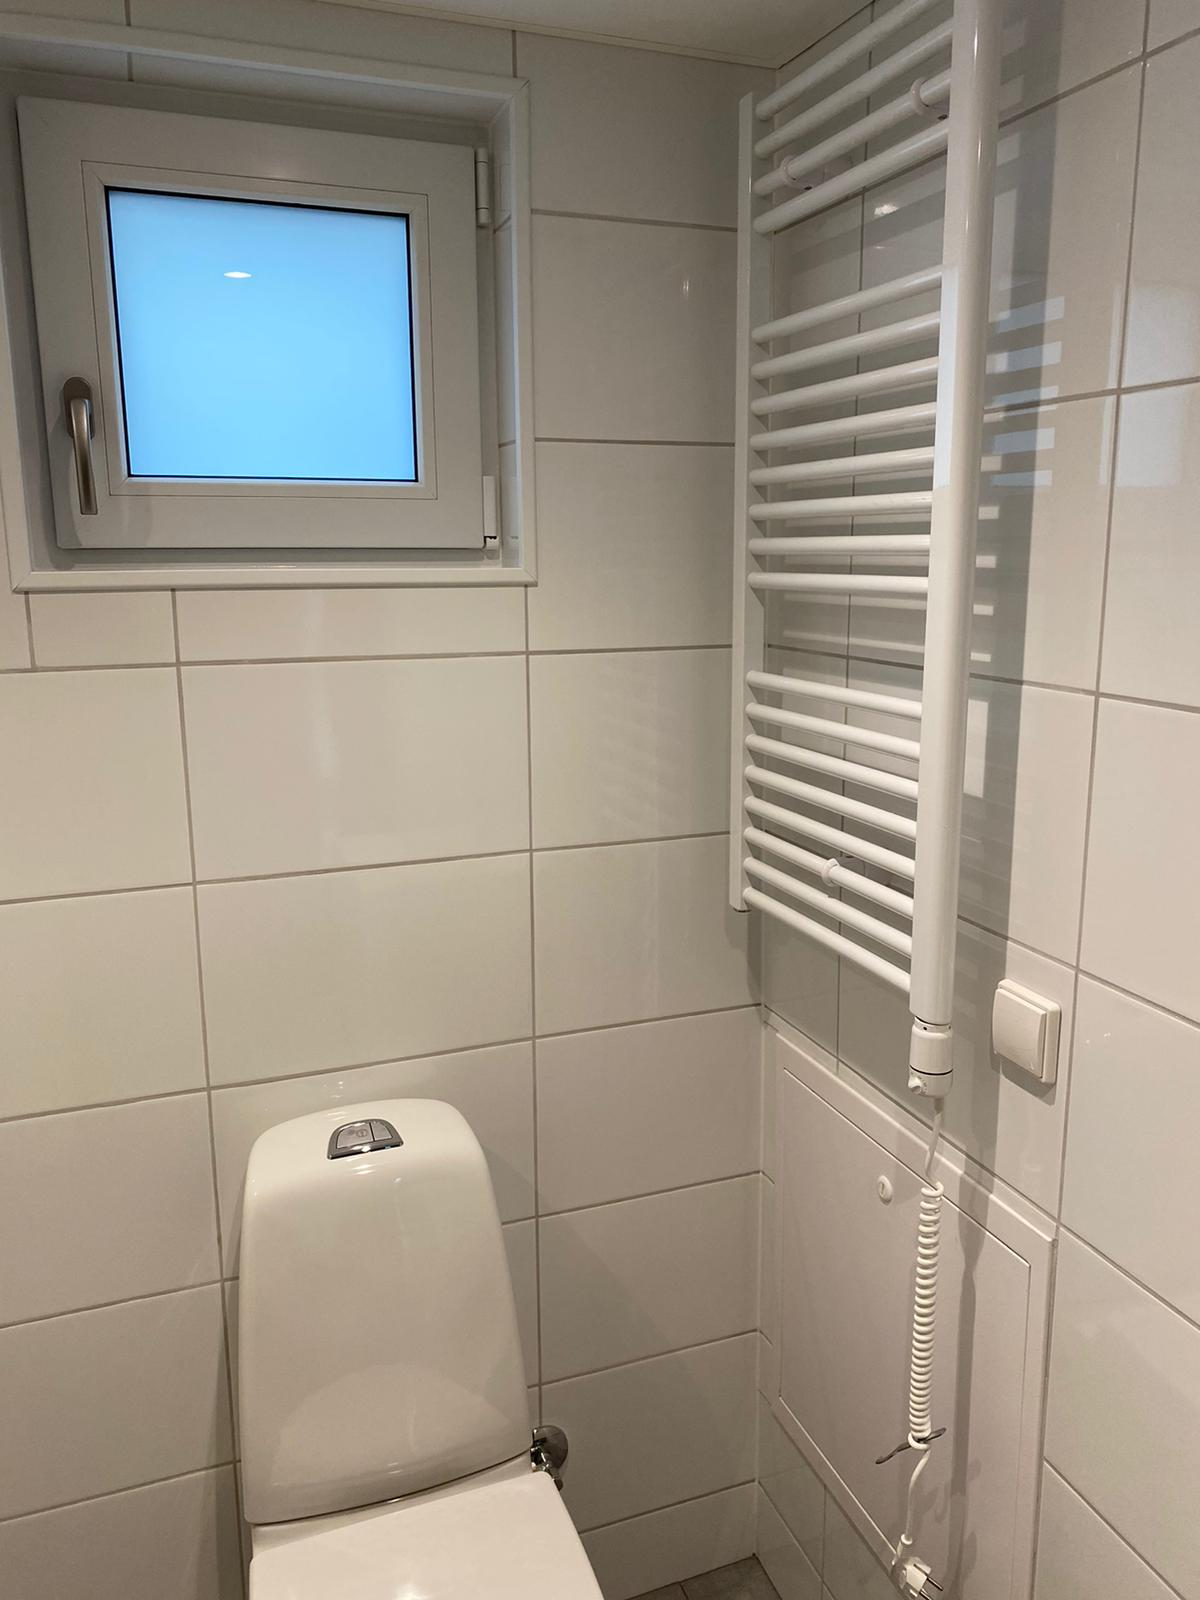 Handdukstork i badrum